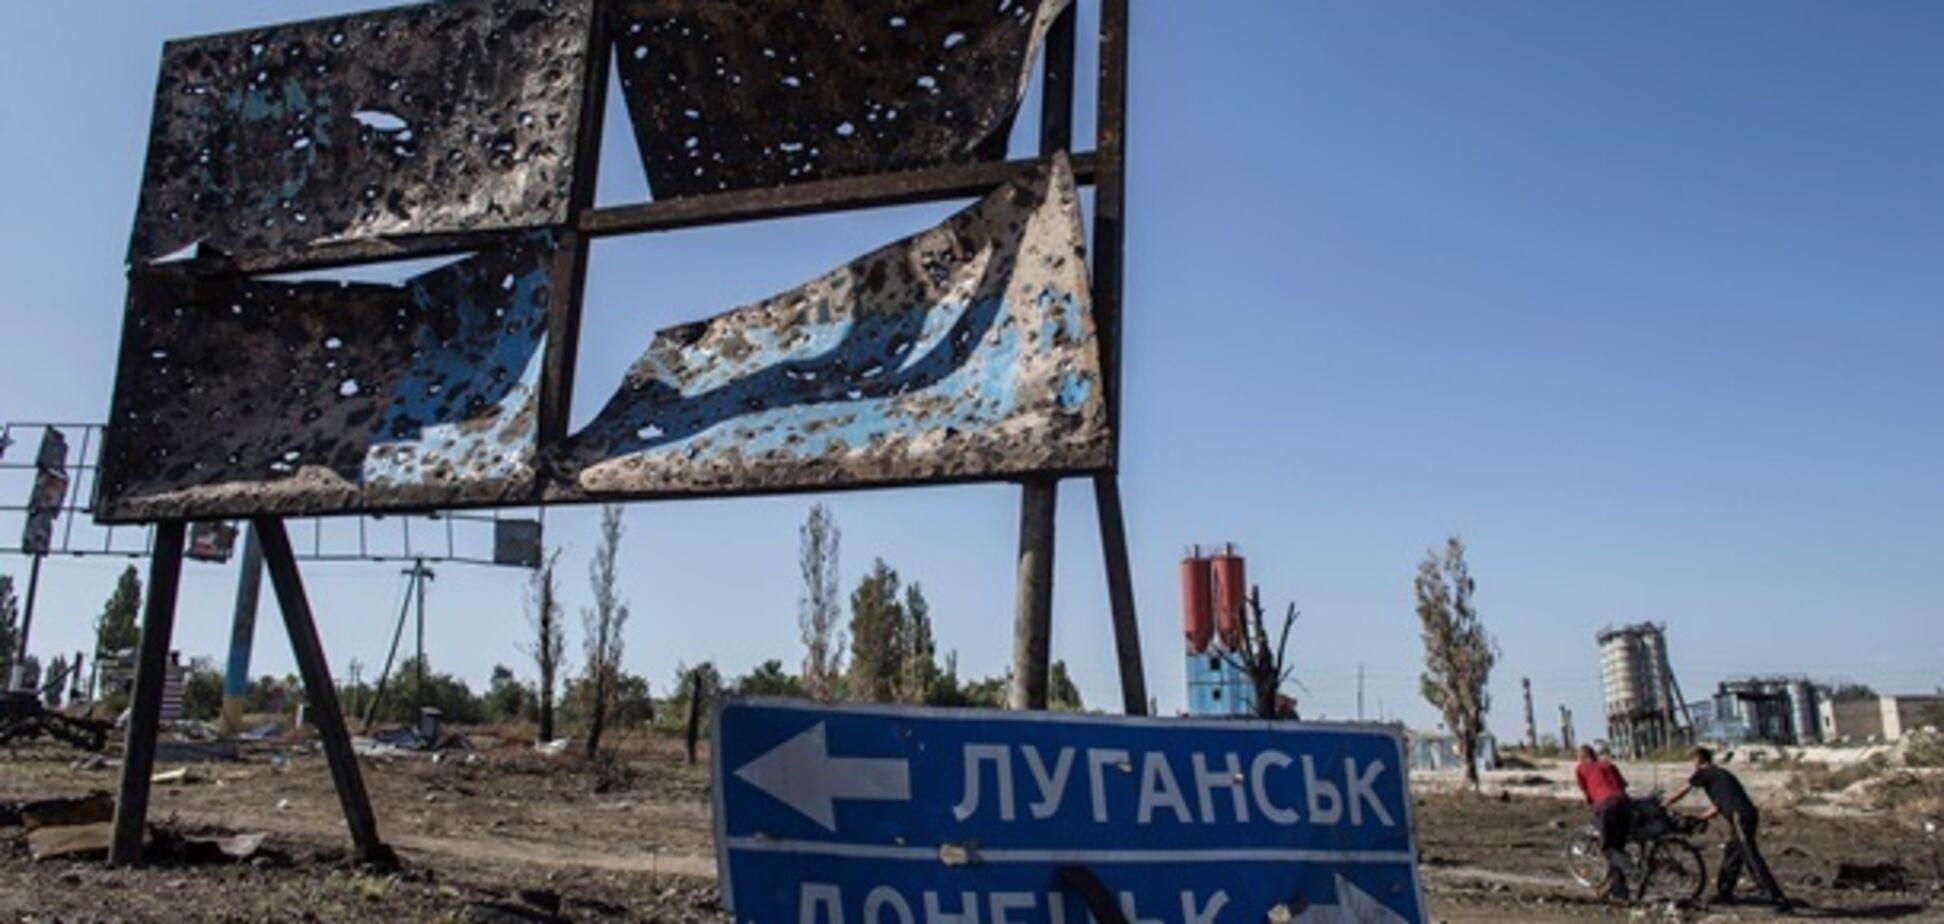 ВСУ вели огонь в ответ: штаб АТО сообщил о новой тактике террористов на Донбассе